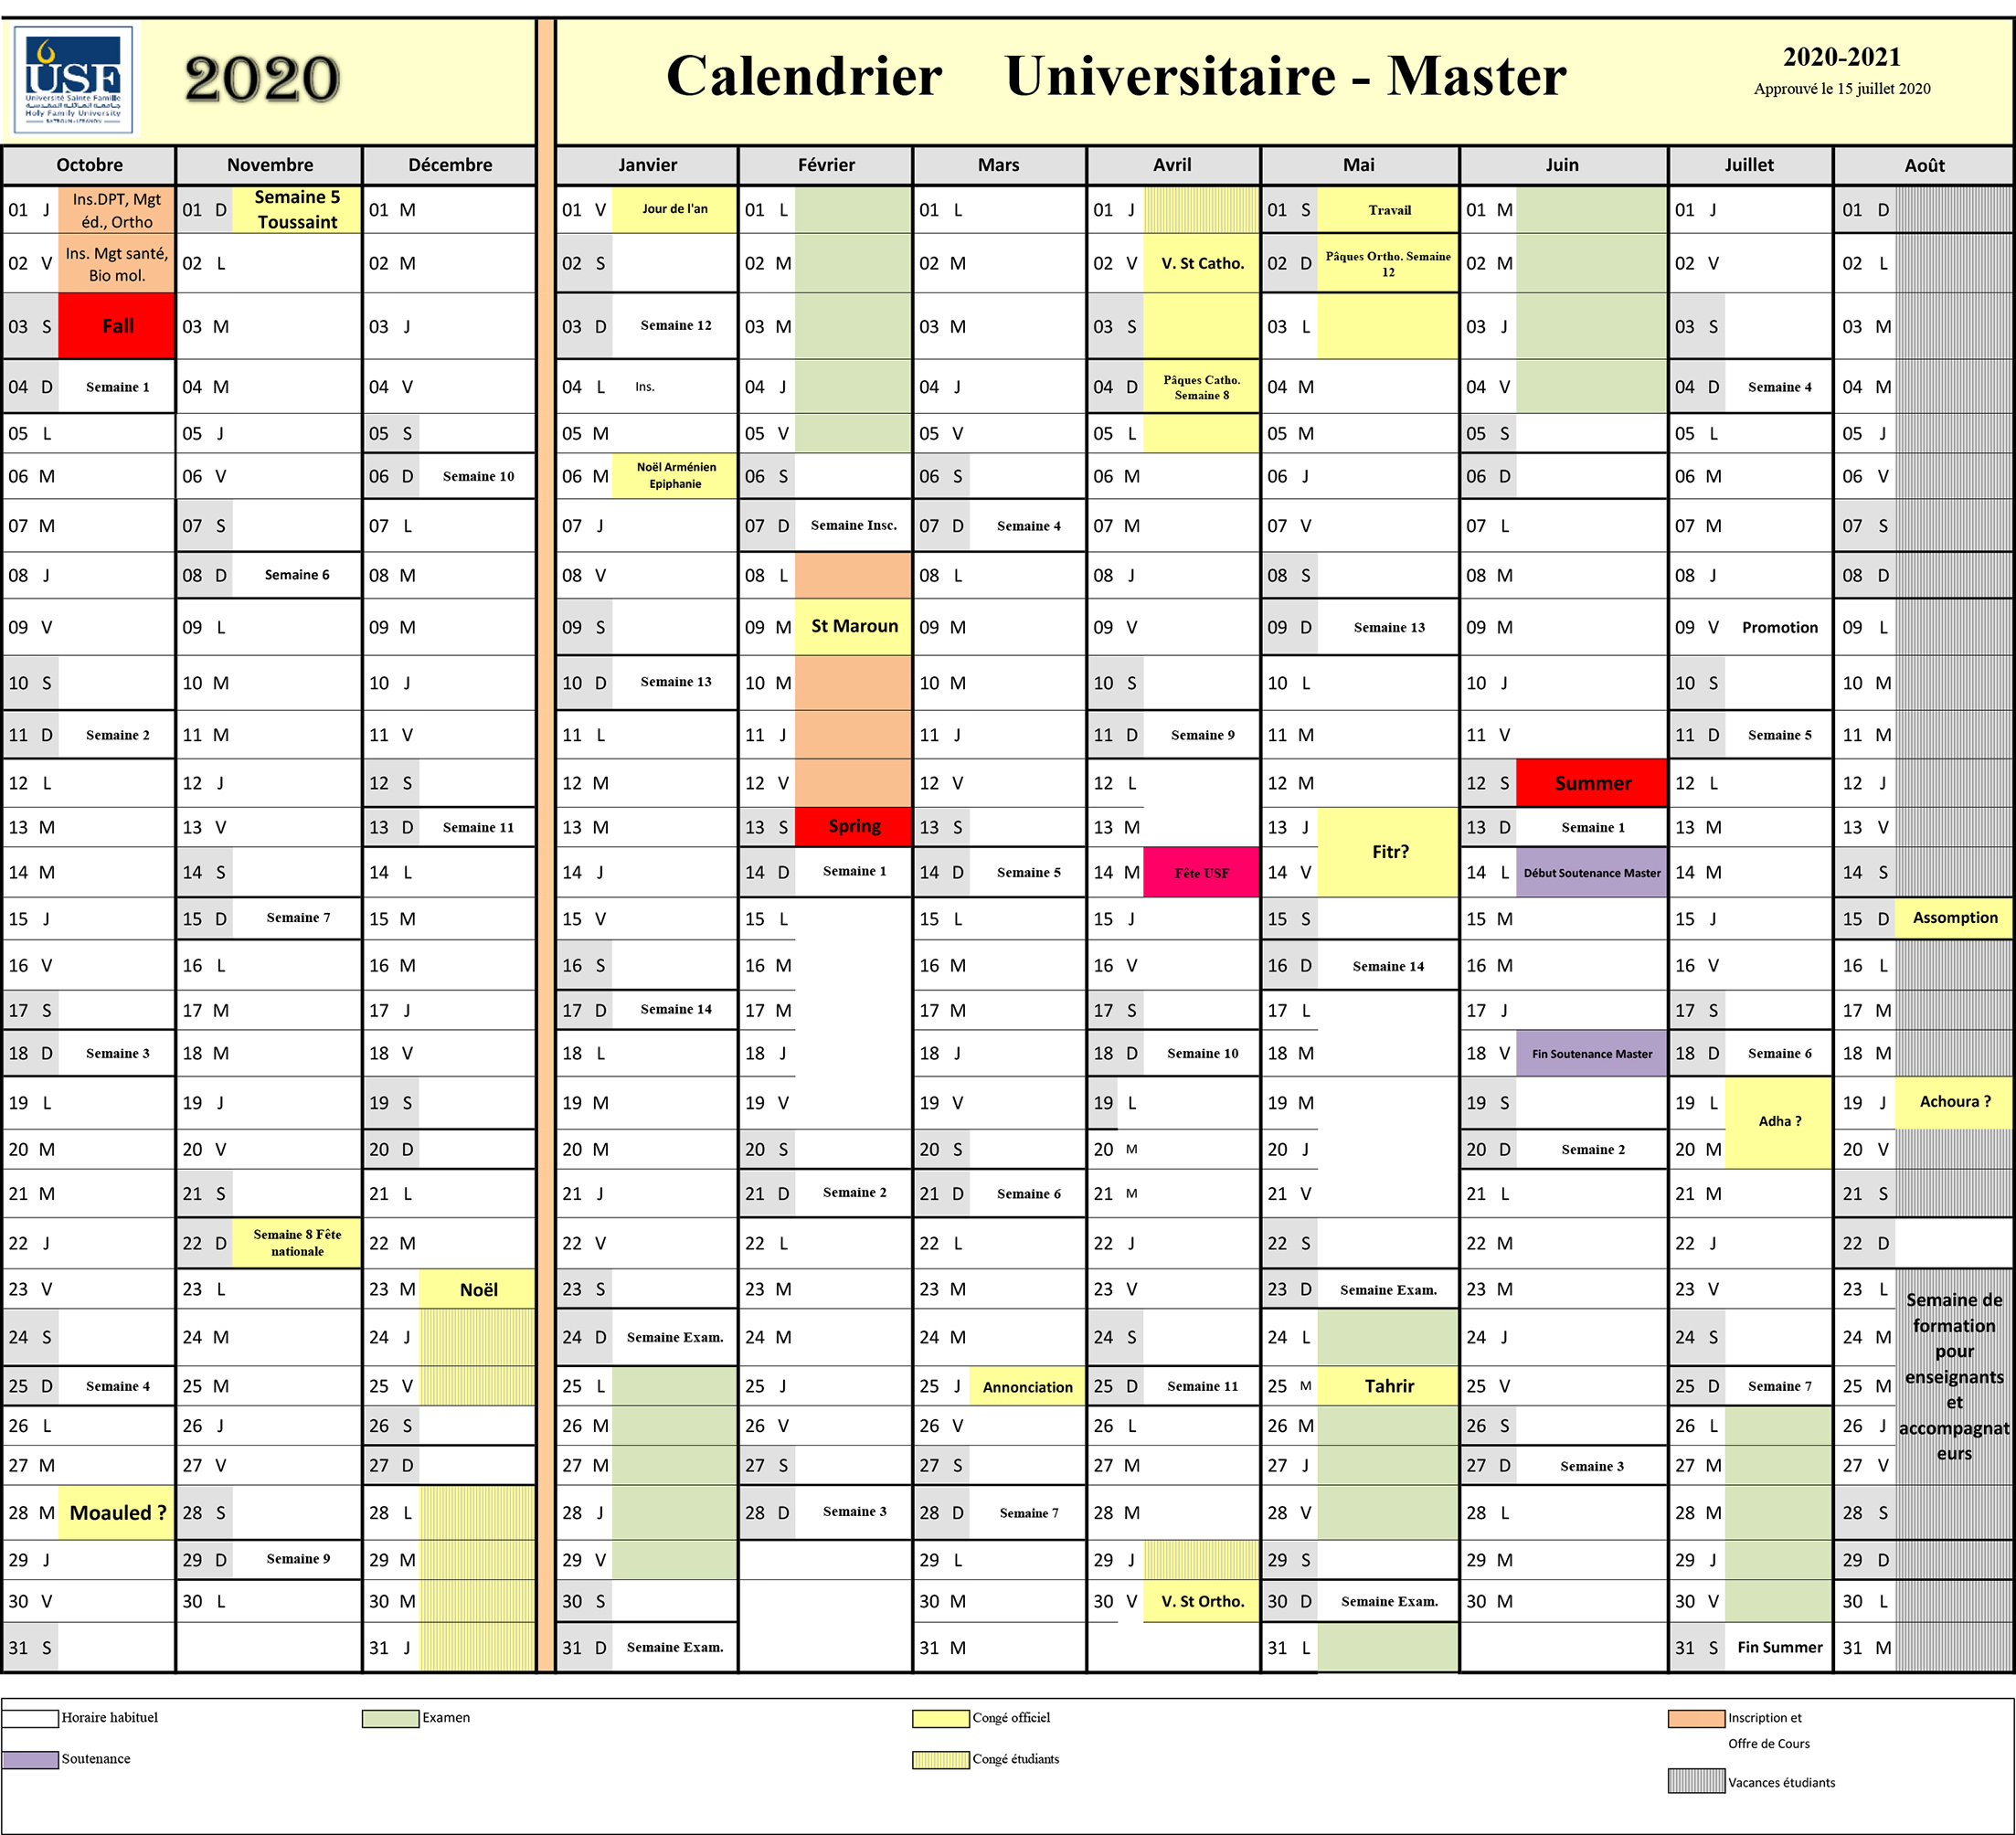 Calendrier Universitaire 2020-2021 / Niveau Master